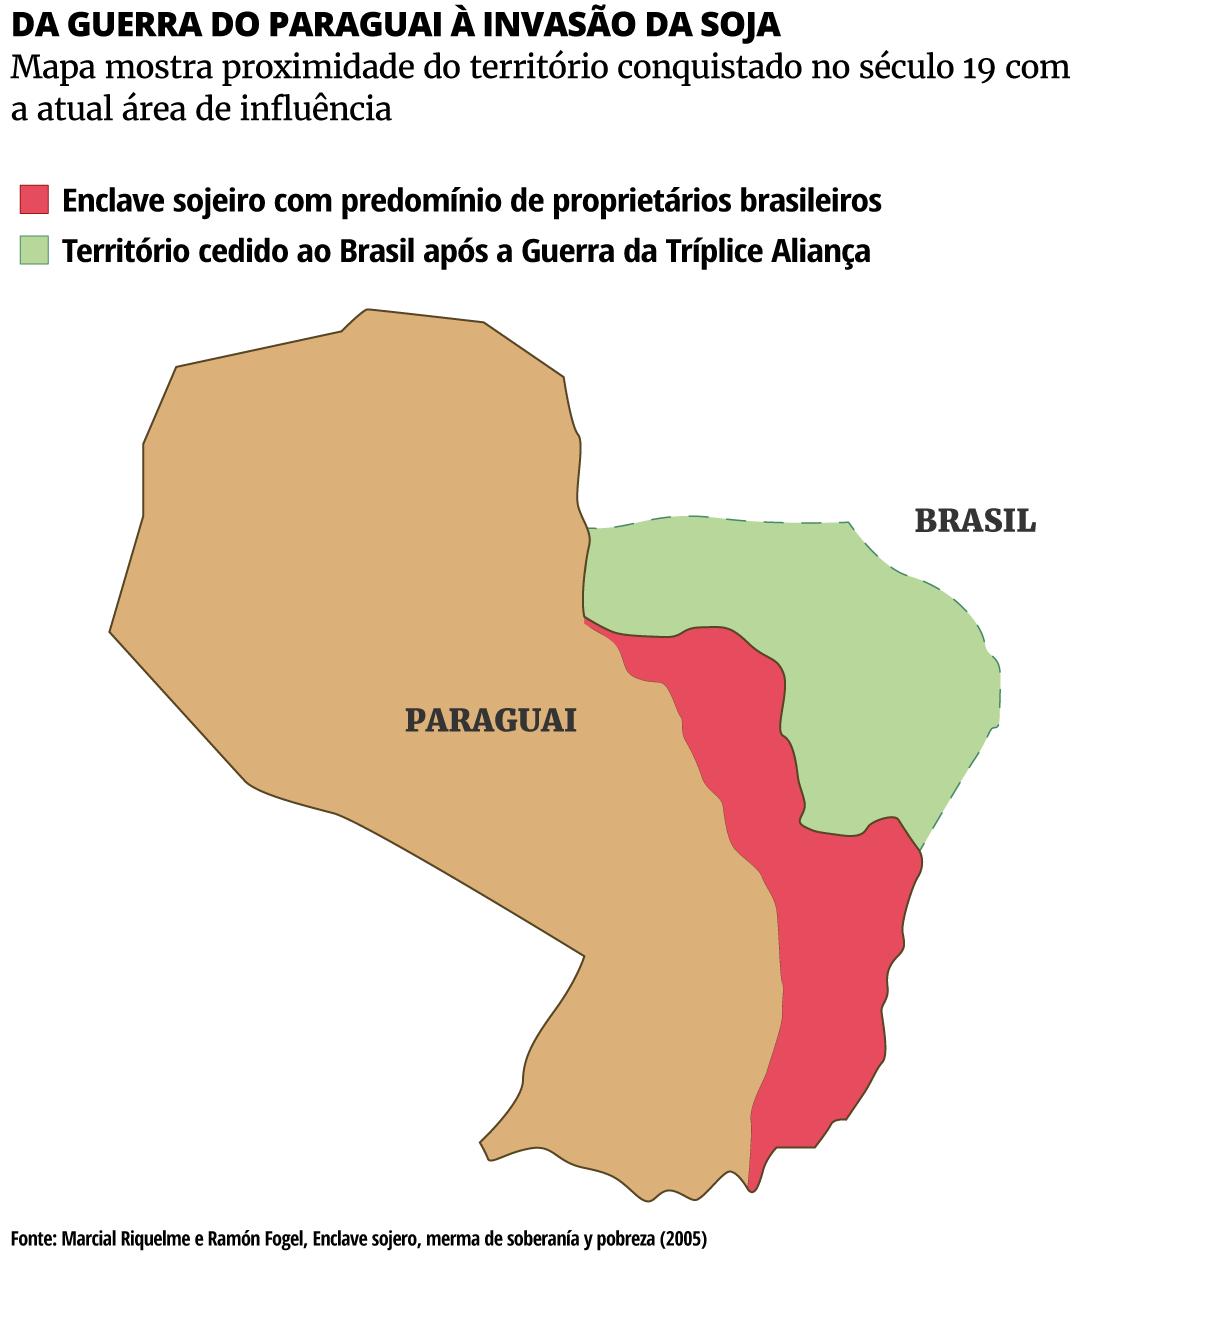 Veja de que países são as grandes corporações que mais adquirem propriedades no Paraguai